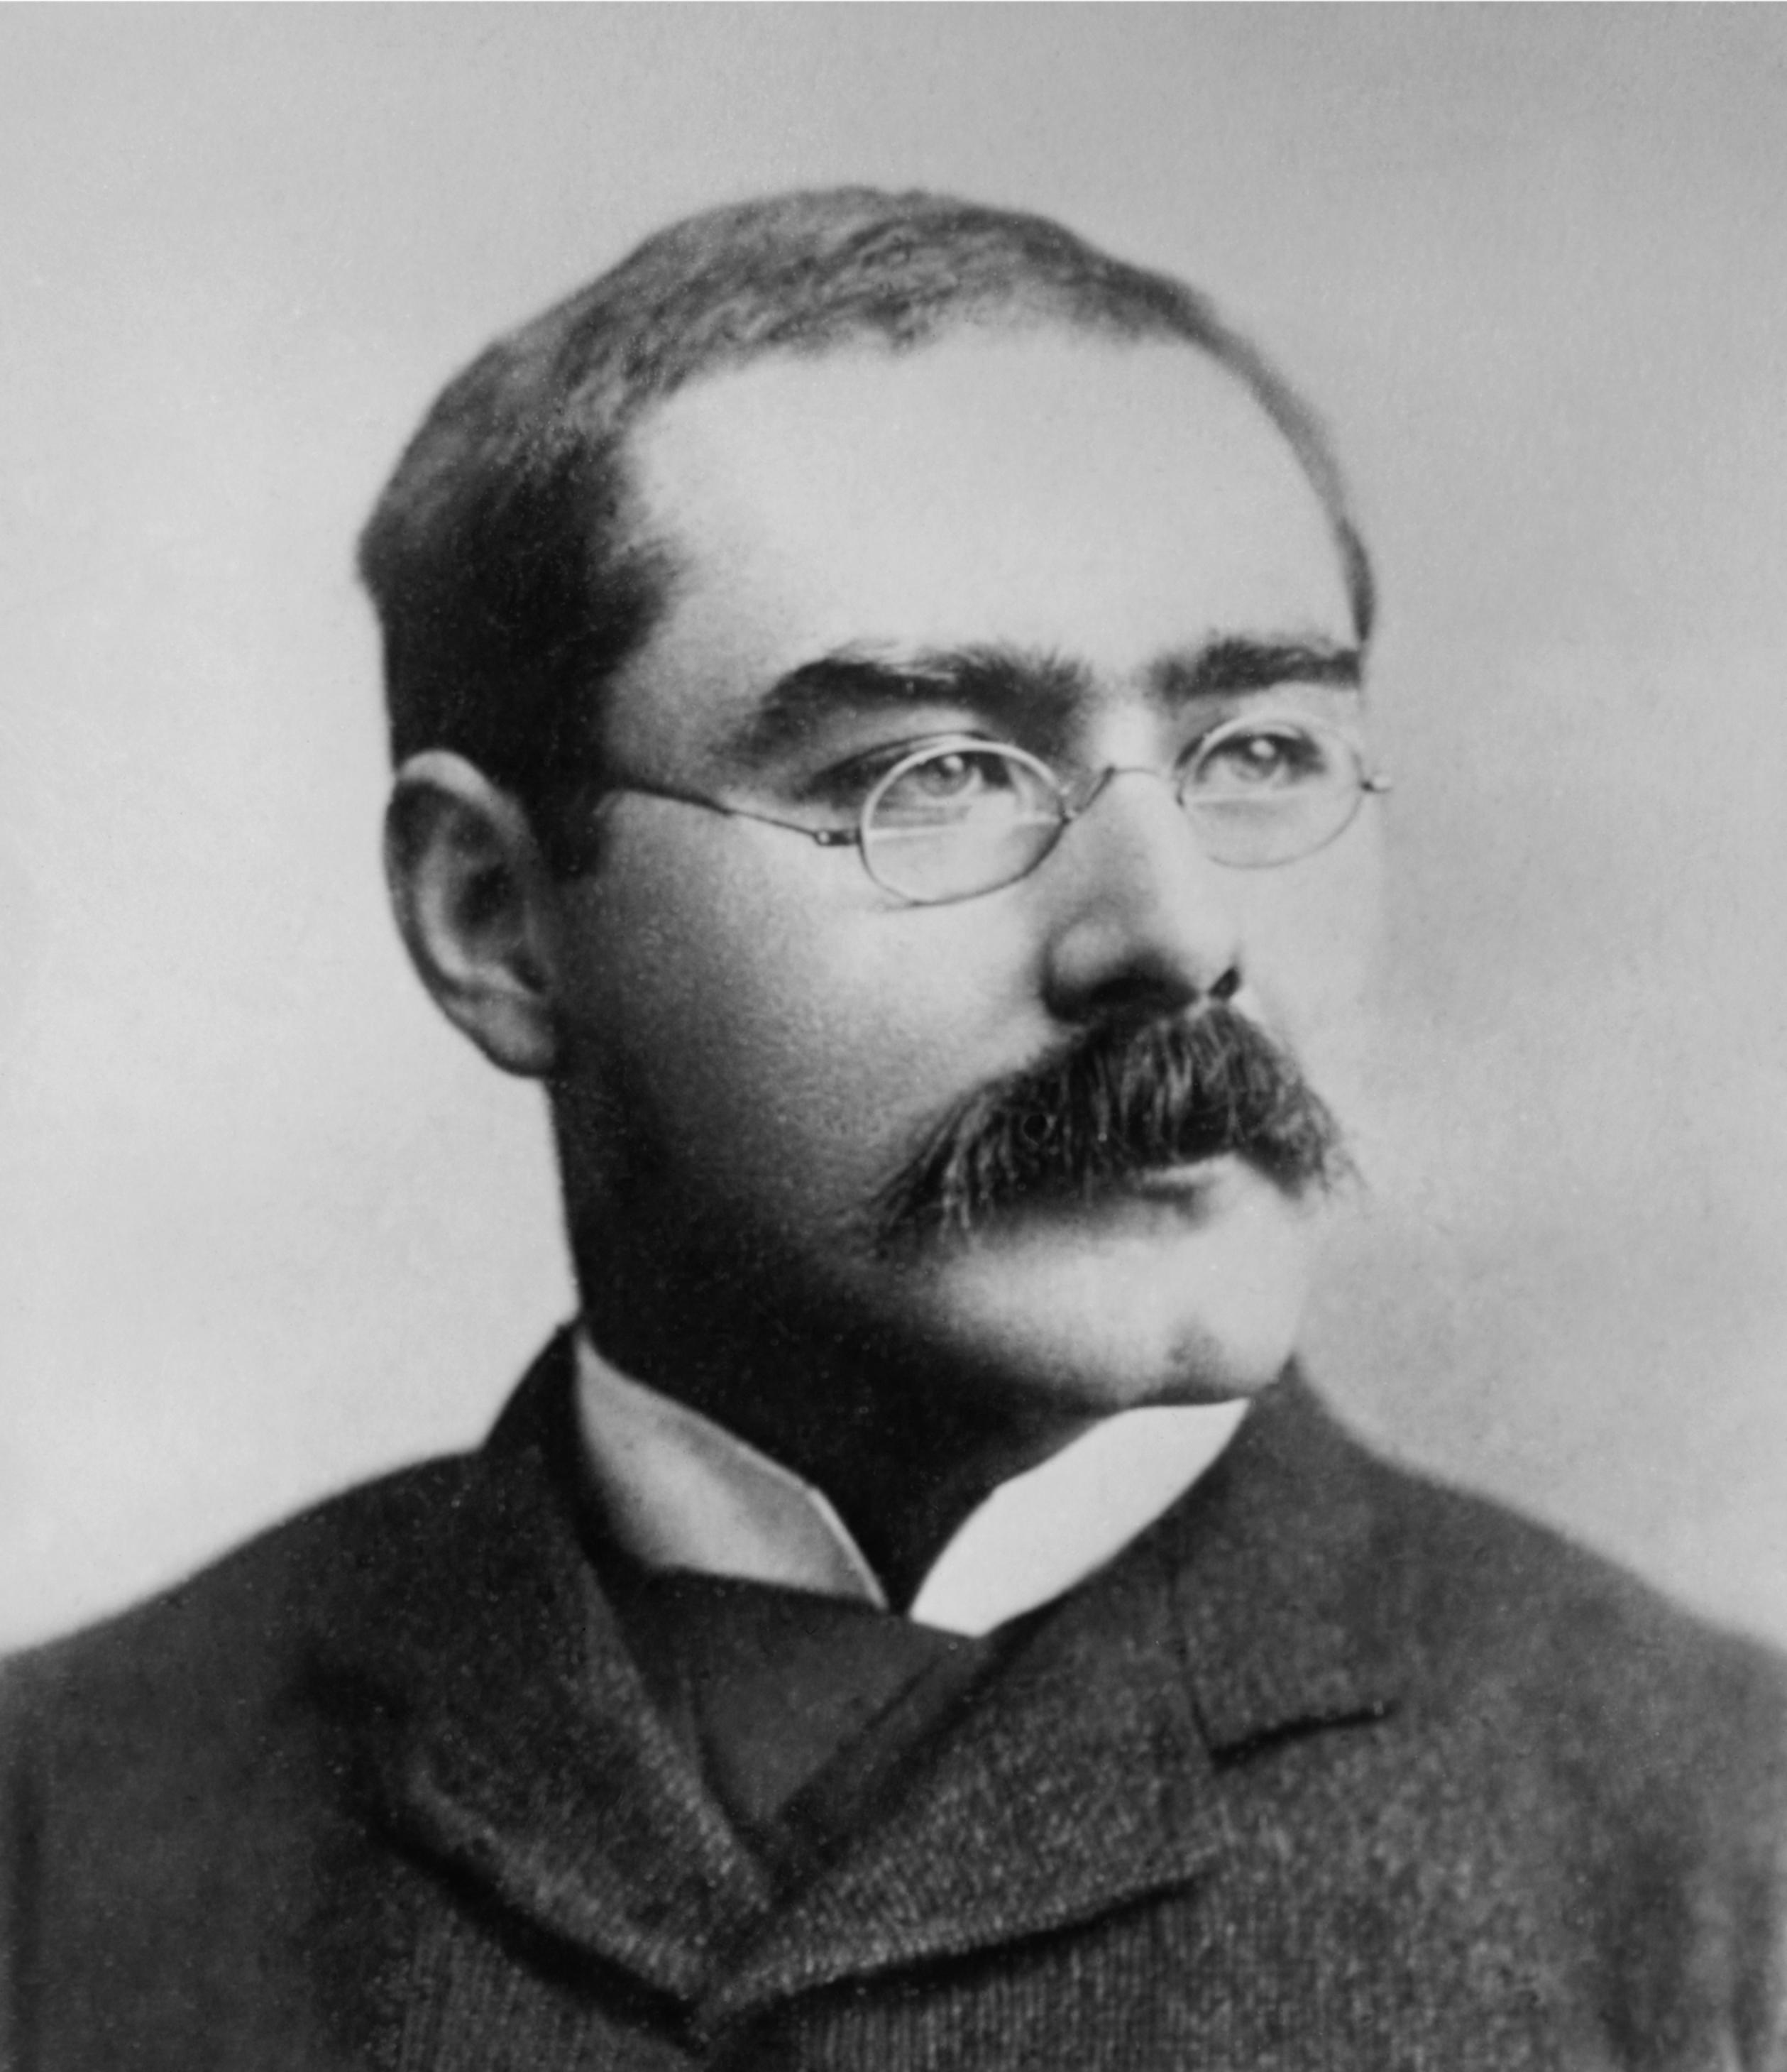 Unirse ambición Debilidad  Rudyard Kipling - Wikipedia, la enciclopedia libre